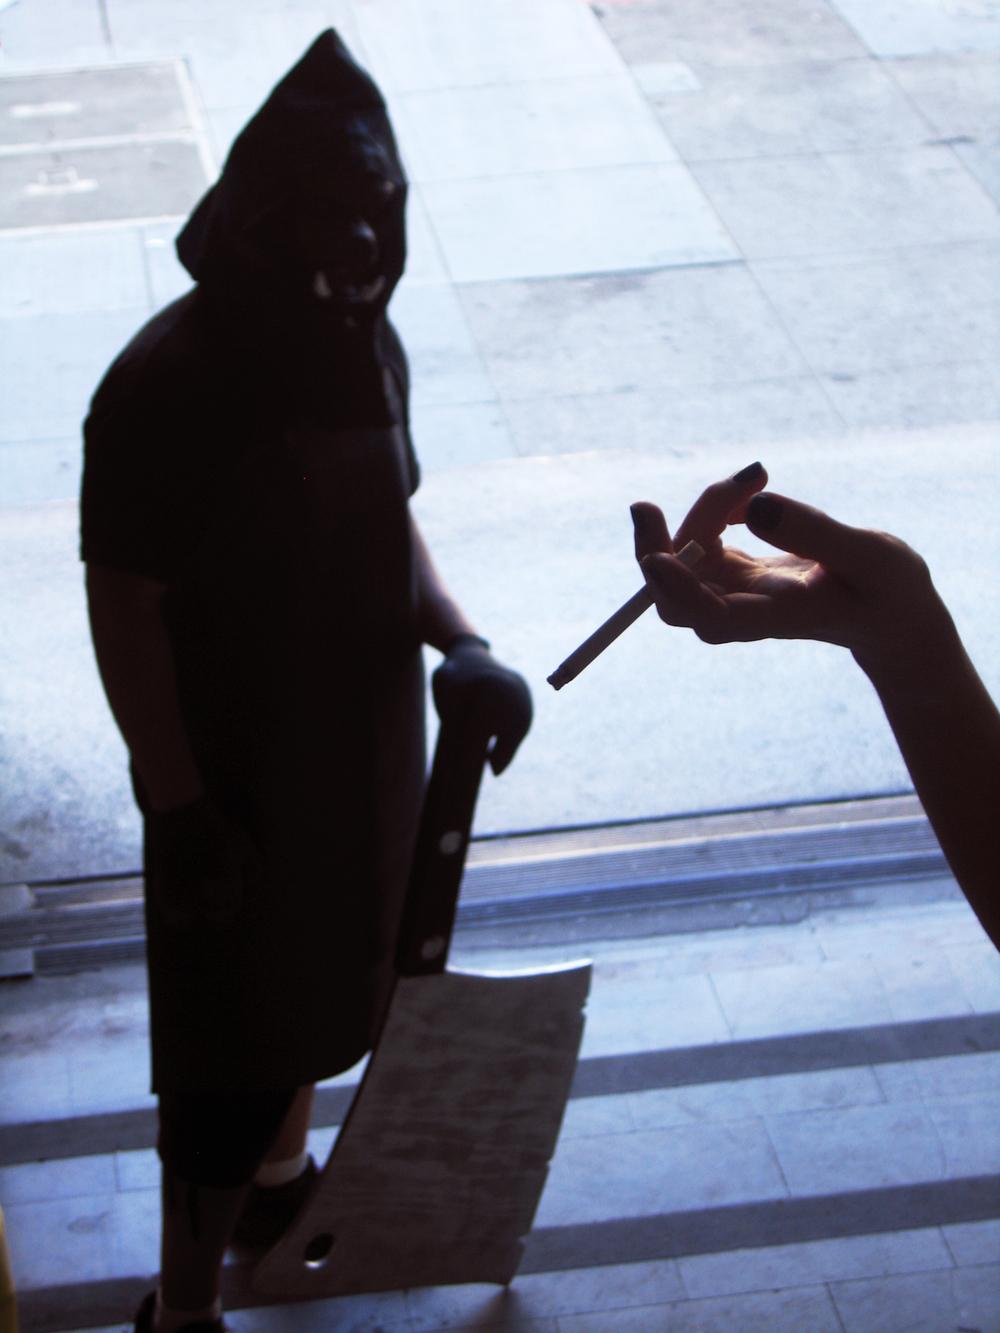 Cigarette_6'21'09.jpg